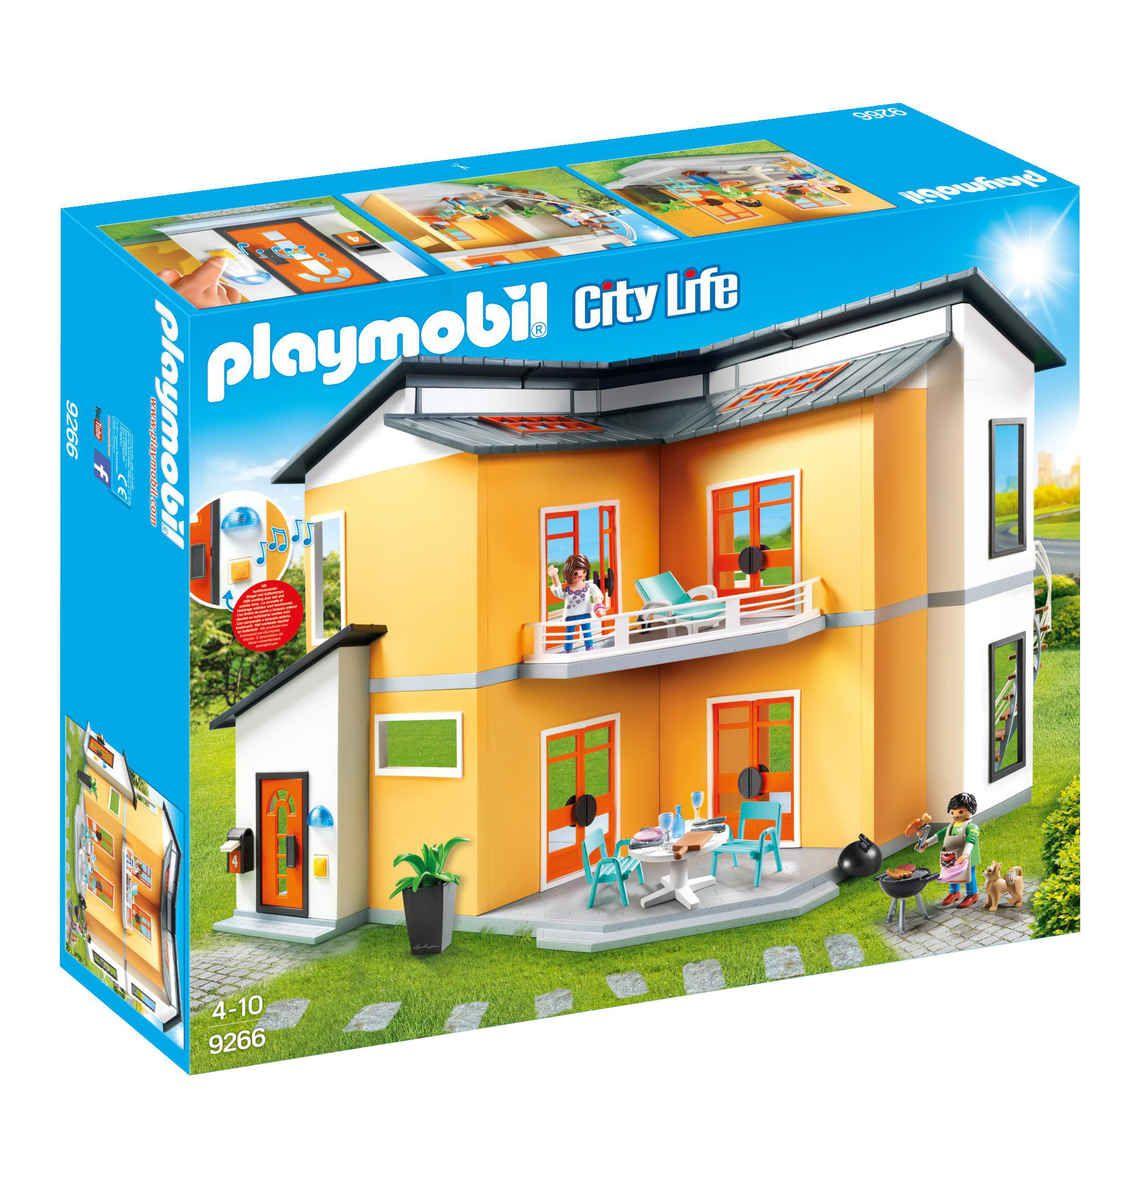 Playmobil Modernes Wohnhaus 9266 Playmobil Haus Playmobil Modernes Haus